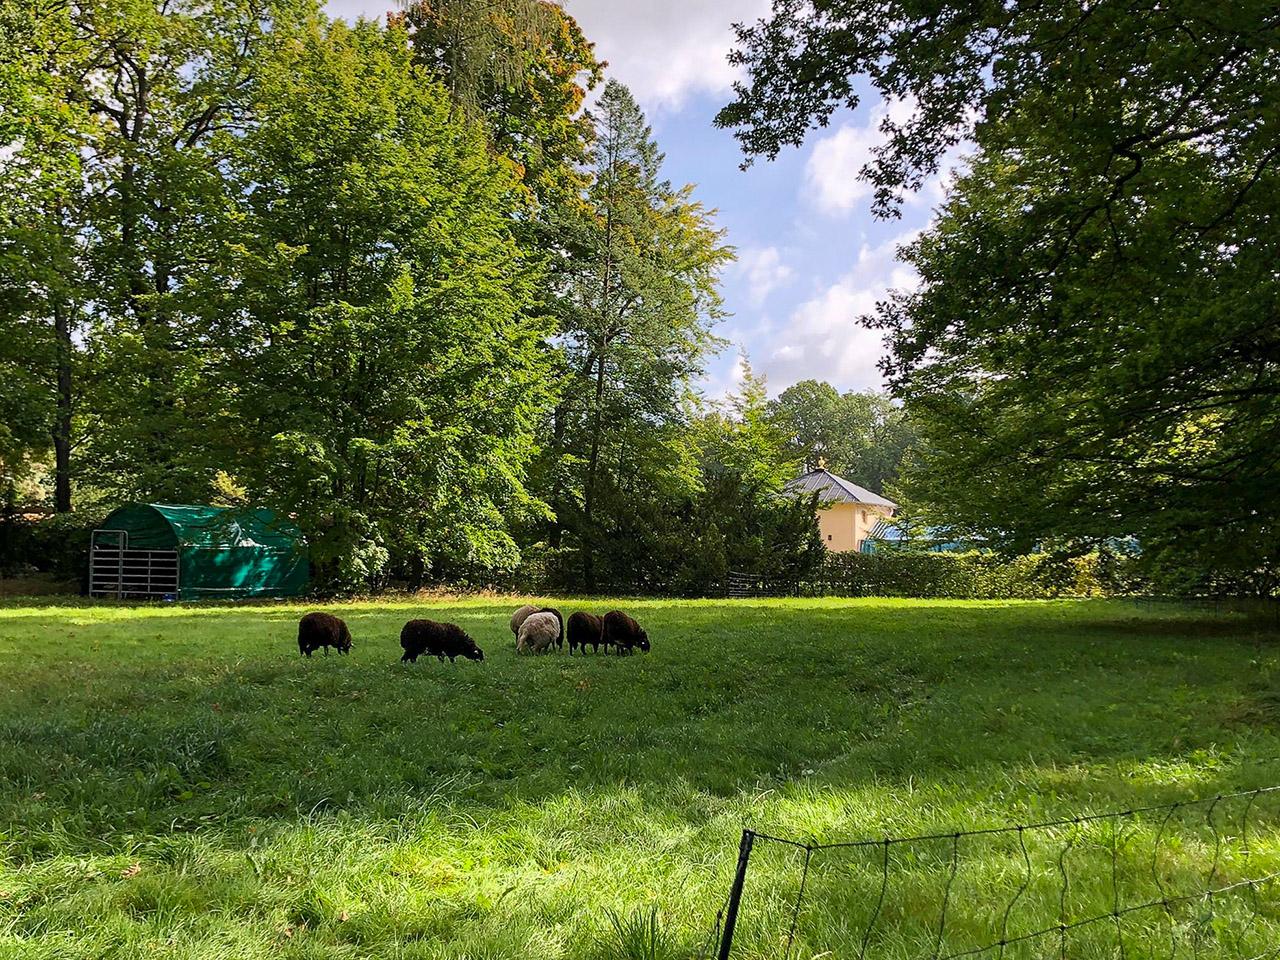 Eine kleine Schafherde mit sieben Schafen weidet auf einer Wiese vor der Schlossgärtnerei im Branitzer Park.